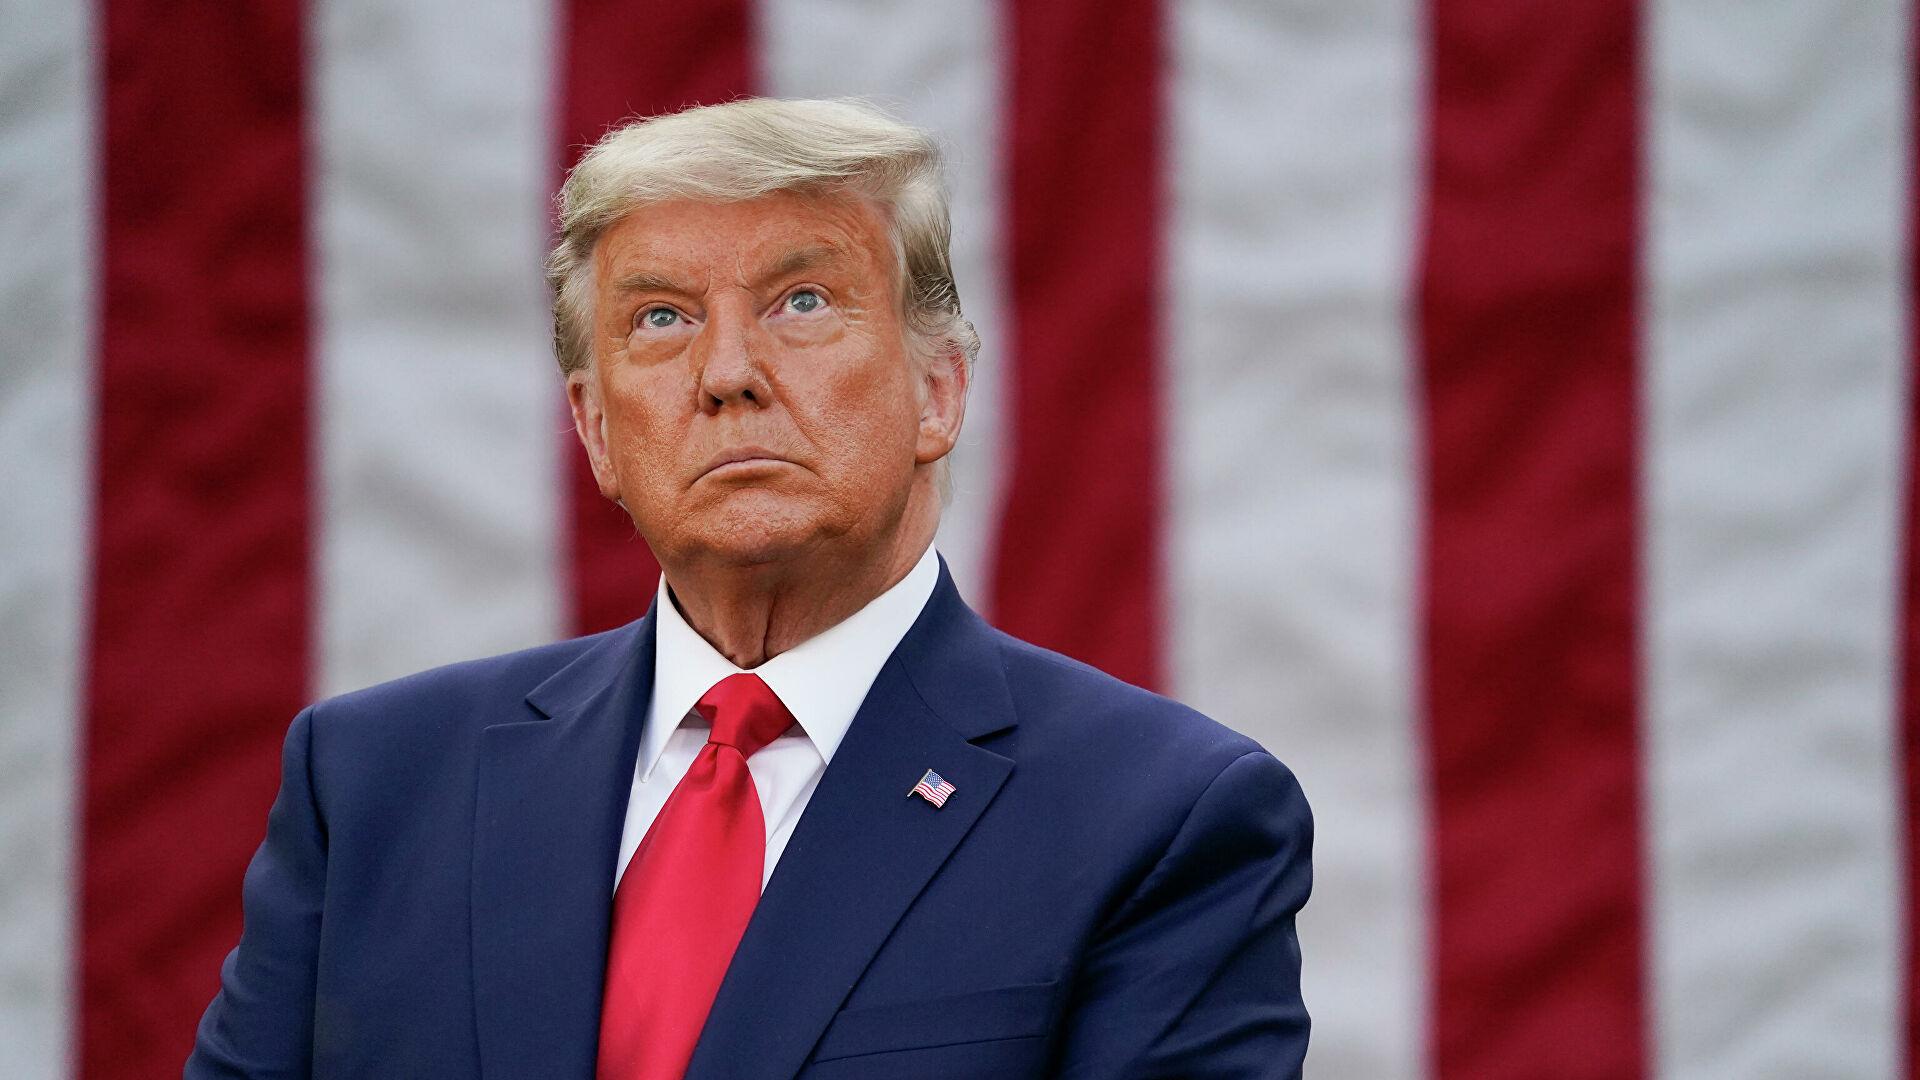 Дональд Трамп может вновь баллотироваться на пост президента США в 2024 году